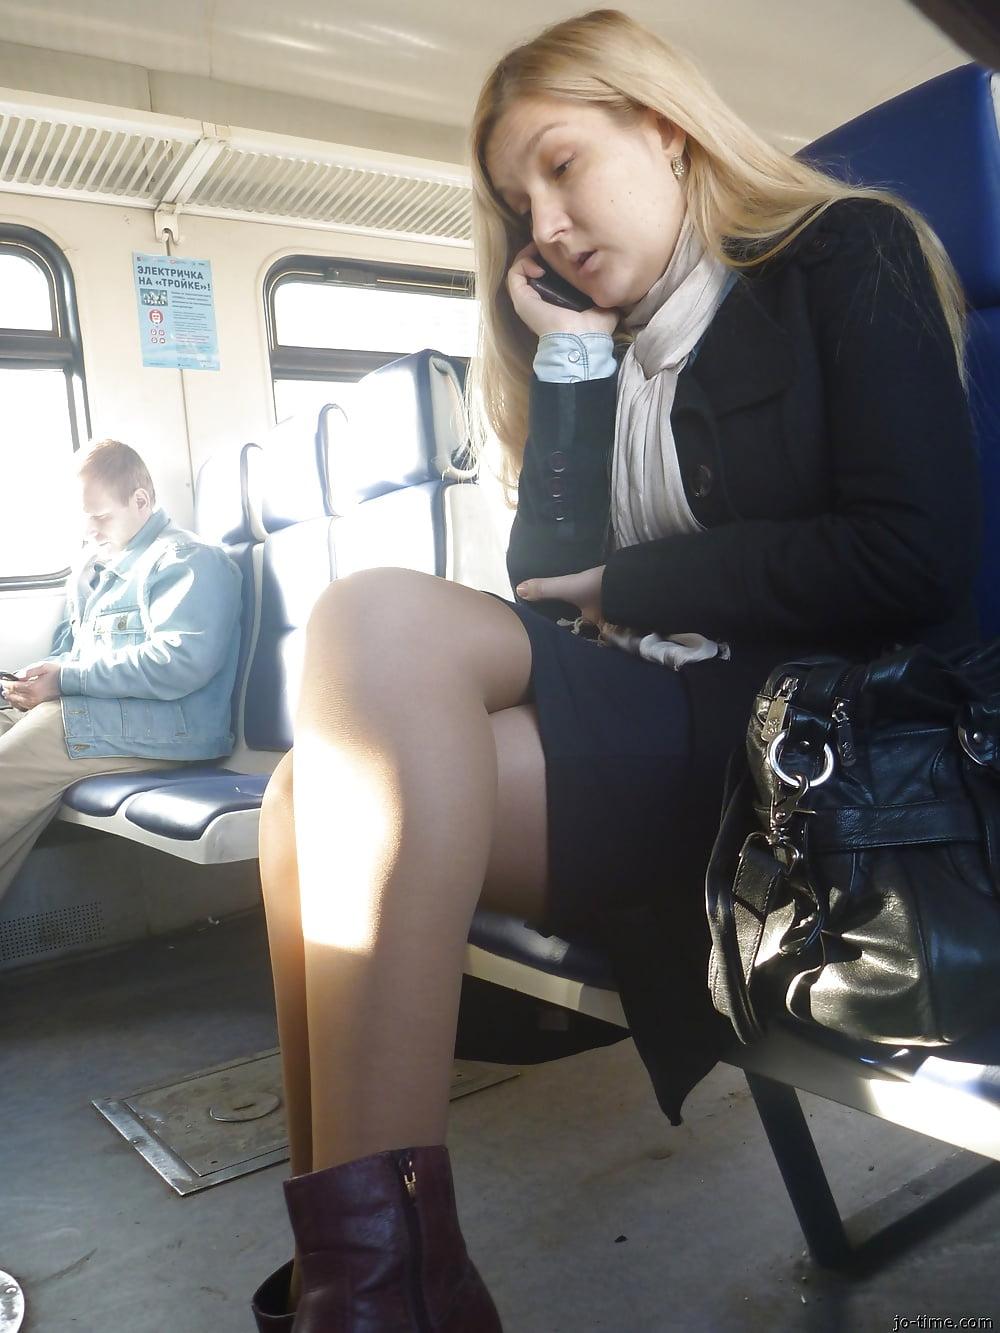 Скрытое фото в транспорте, порнуха самый большой член в анале